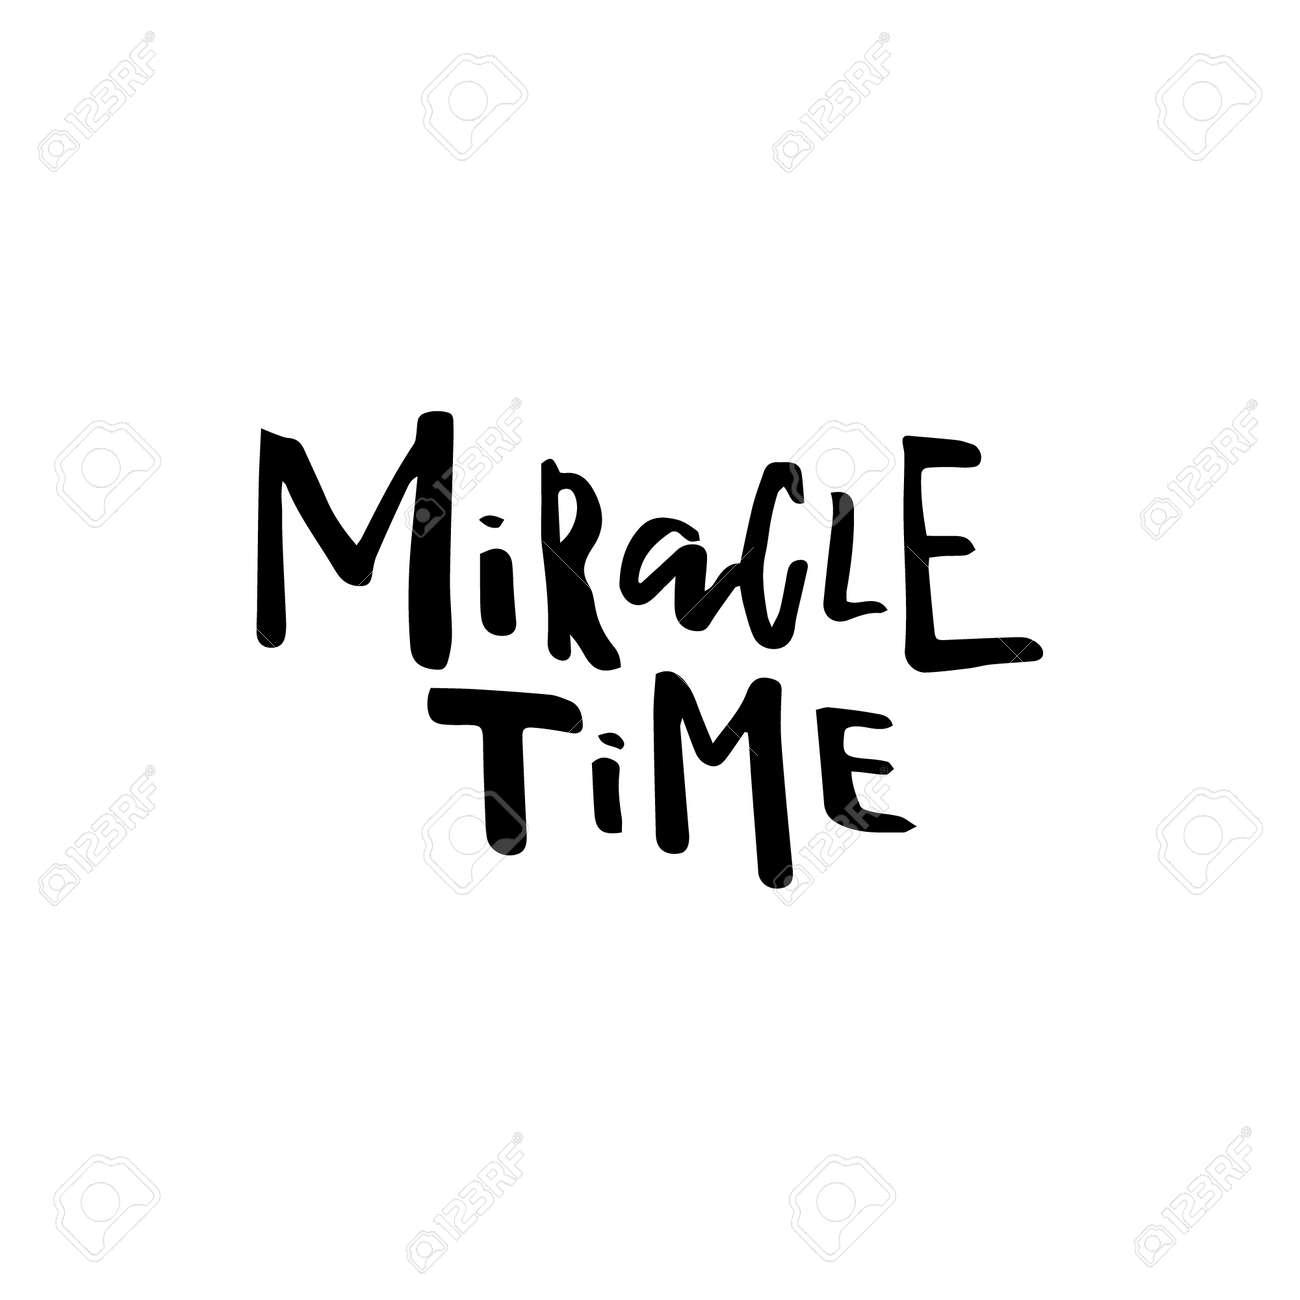 Tarjeta De Feliz Navidad Con Caligrafía Miracle Time Plantilla Para Saludos Felicidades Carteles De Inauguración De La Casa Invitaciones